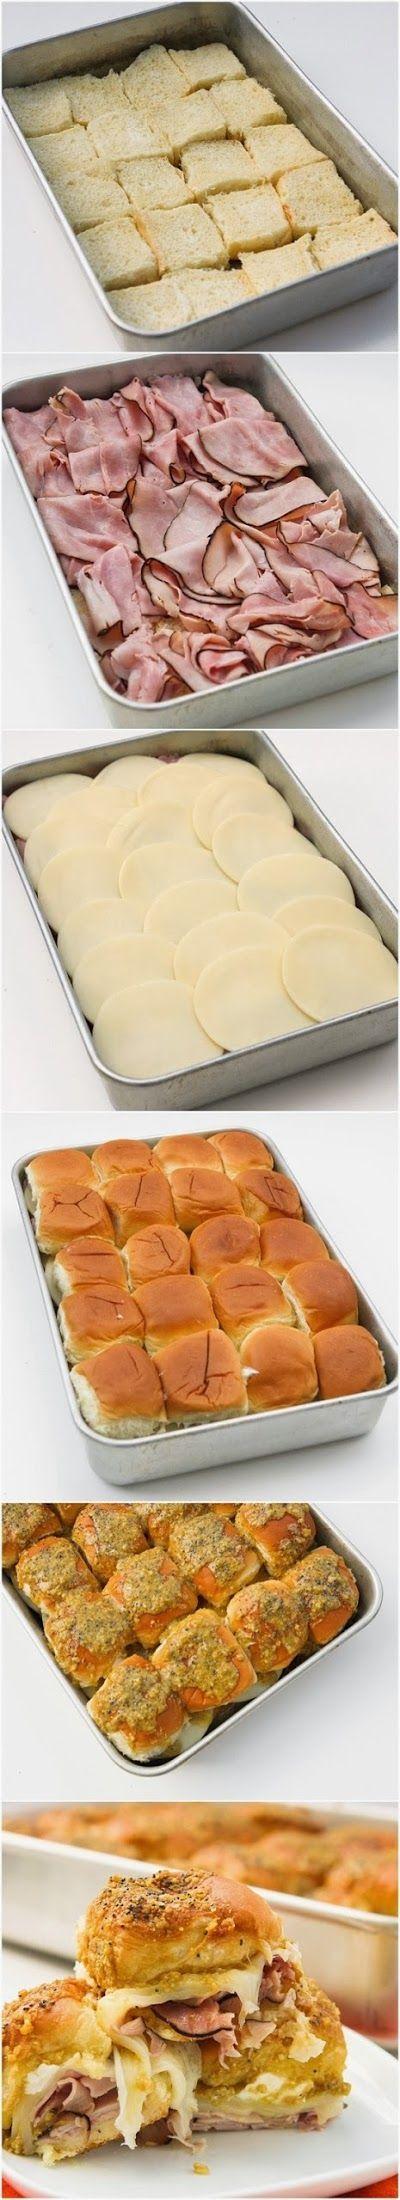 Becon cheese sandwiches and baked Bocadillos de becon y queso al horno Subido de Pinterest. http://www.isladelecturas.es/index.php/noticias/libros/835-las-aventuras-de-indiana-juana-de-jaime-fuster A la venta en AMAZON. Feliz lectura.